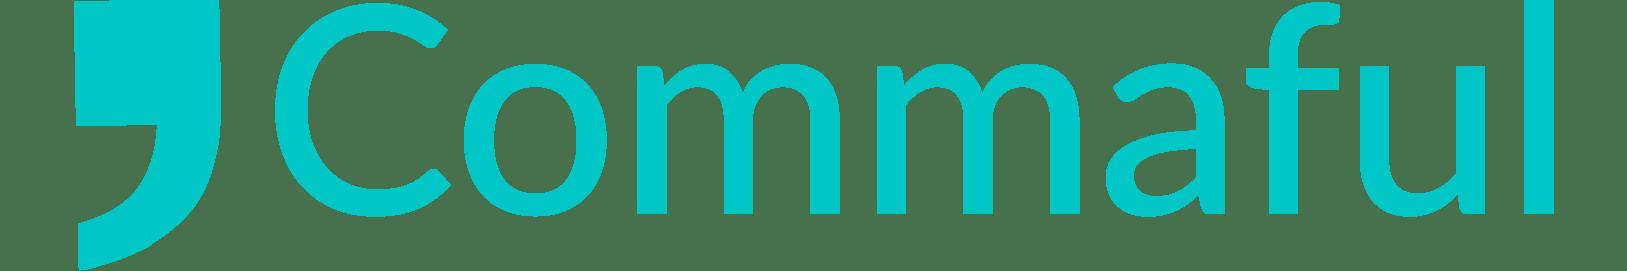 Commaful company logo